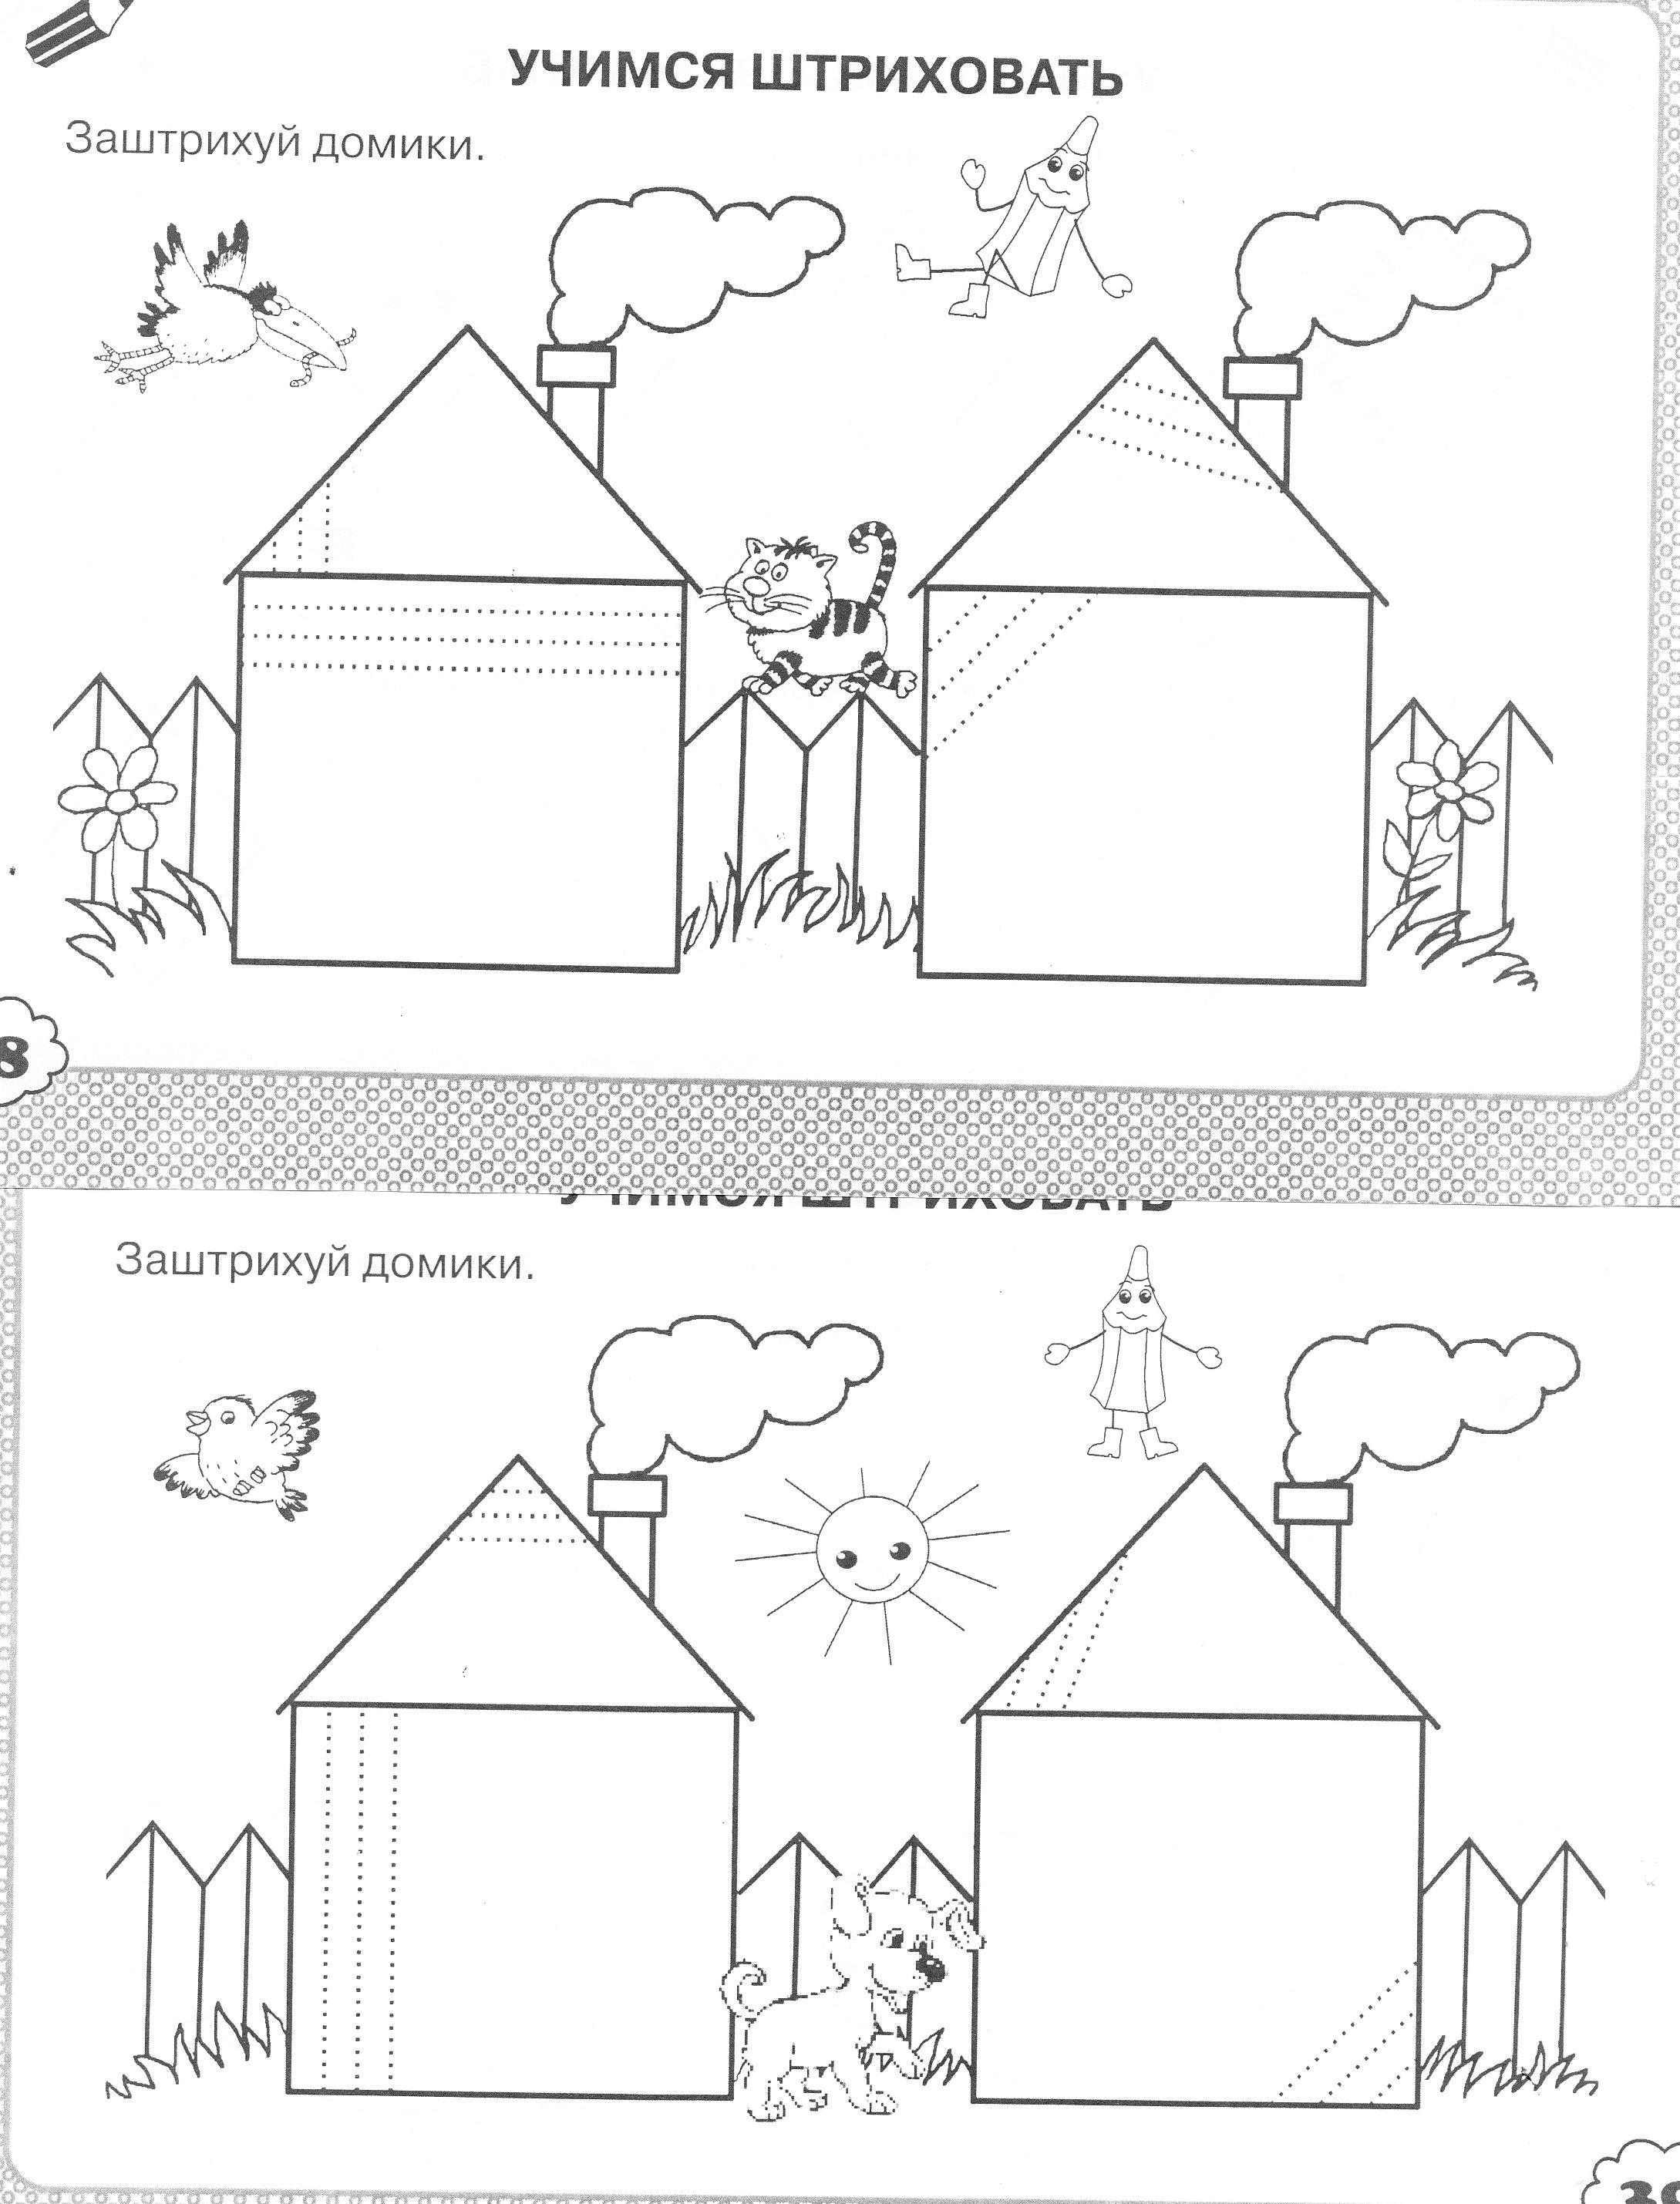 I:\будущие первоклассники анкета, памятки\первые уроки рисования\IMG_0017.jpg